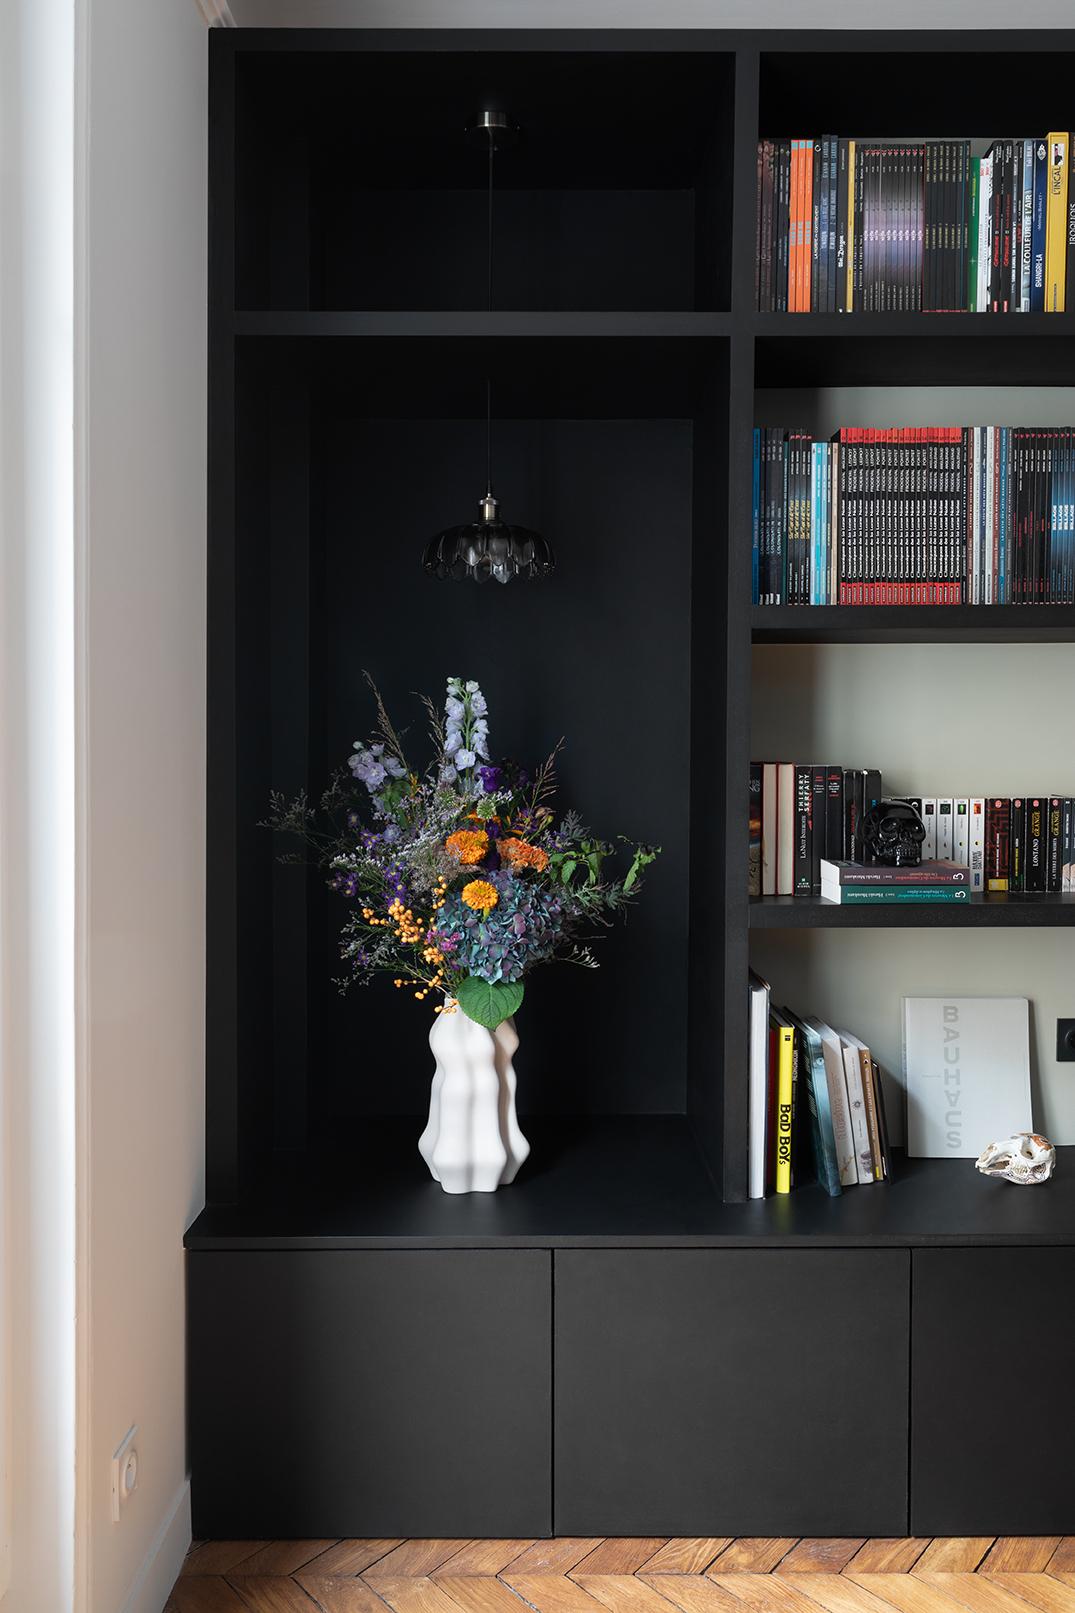 Studio Dallas bibliothèque sur mesure, cabinet de curiosité, cheminée prussienne, appartement parisien